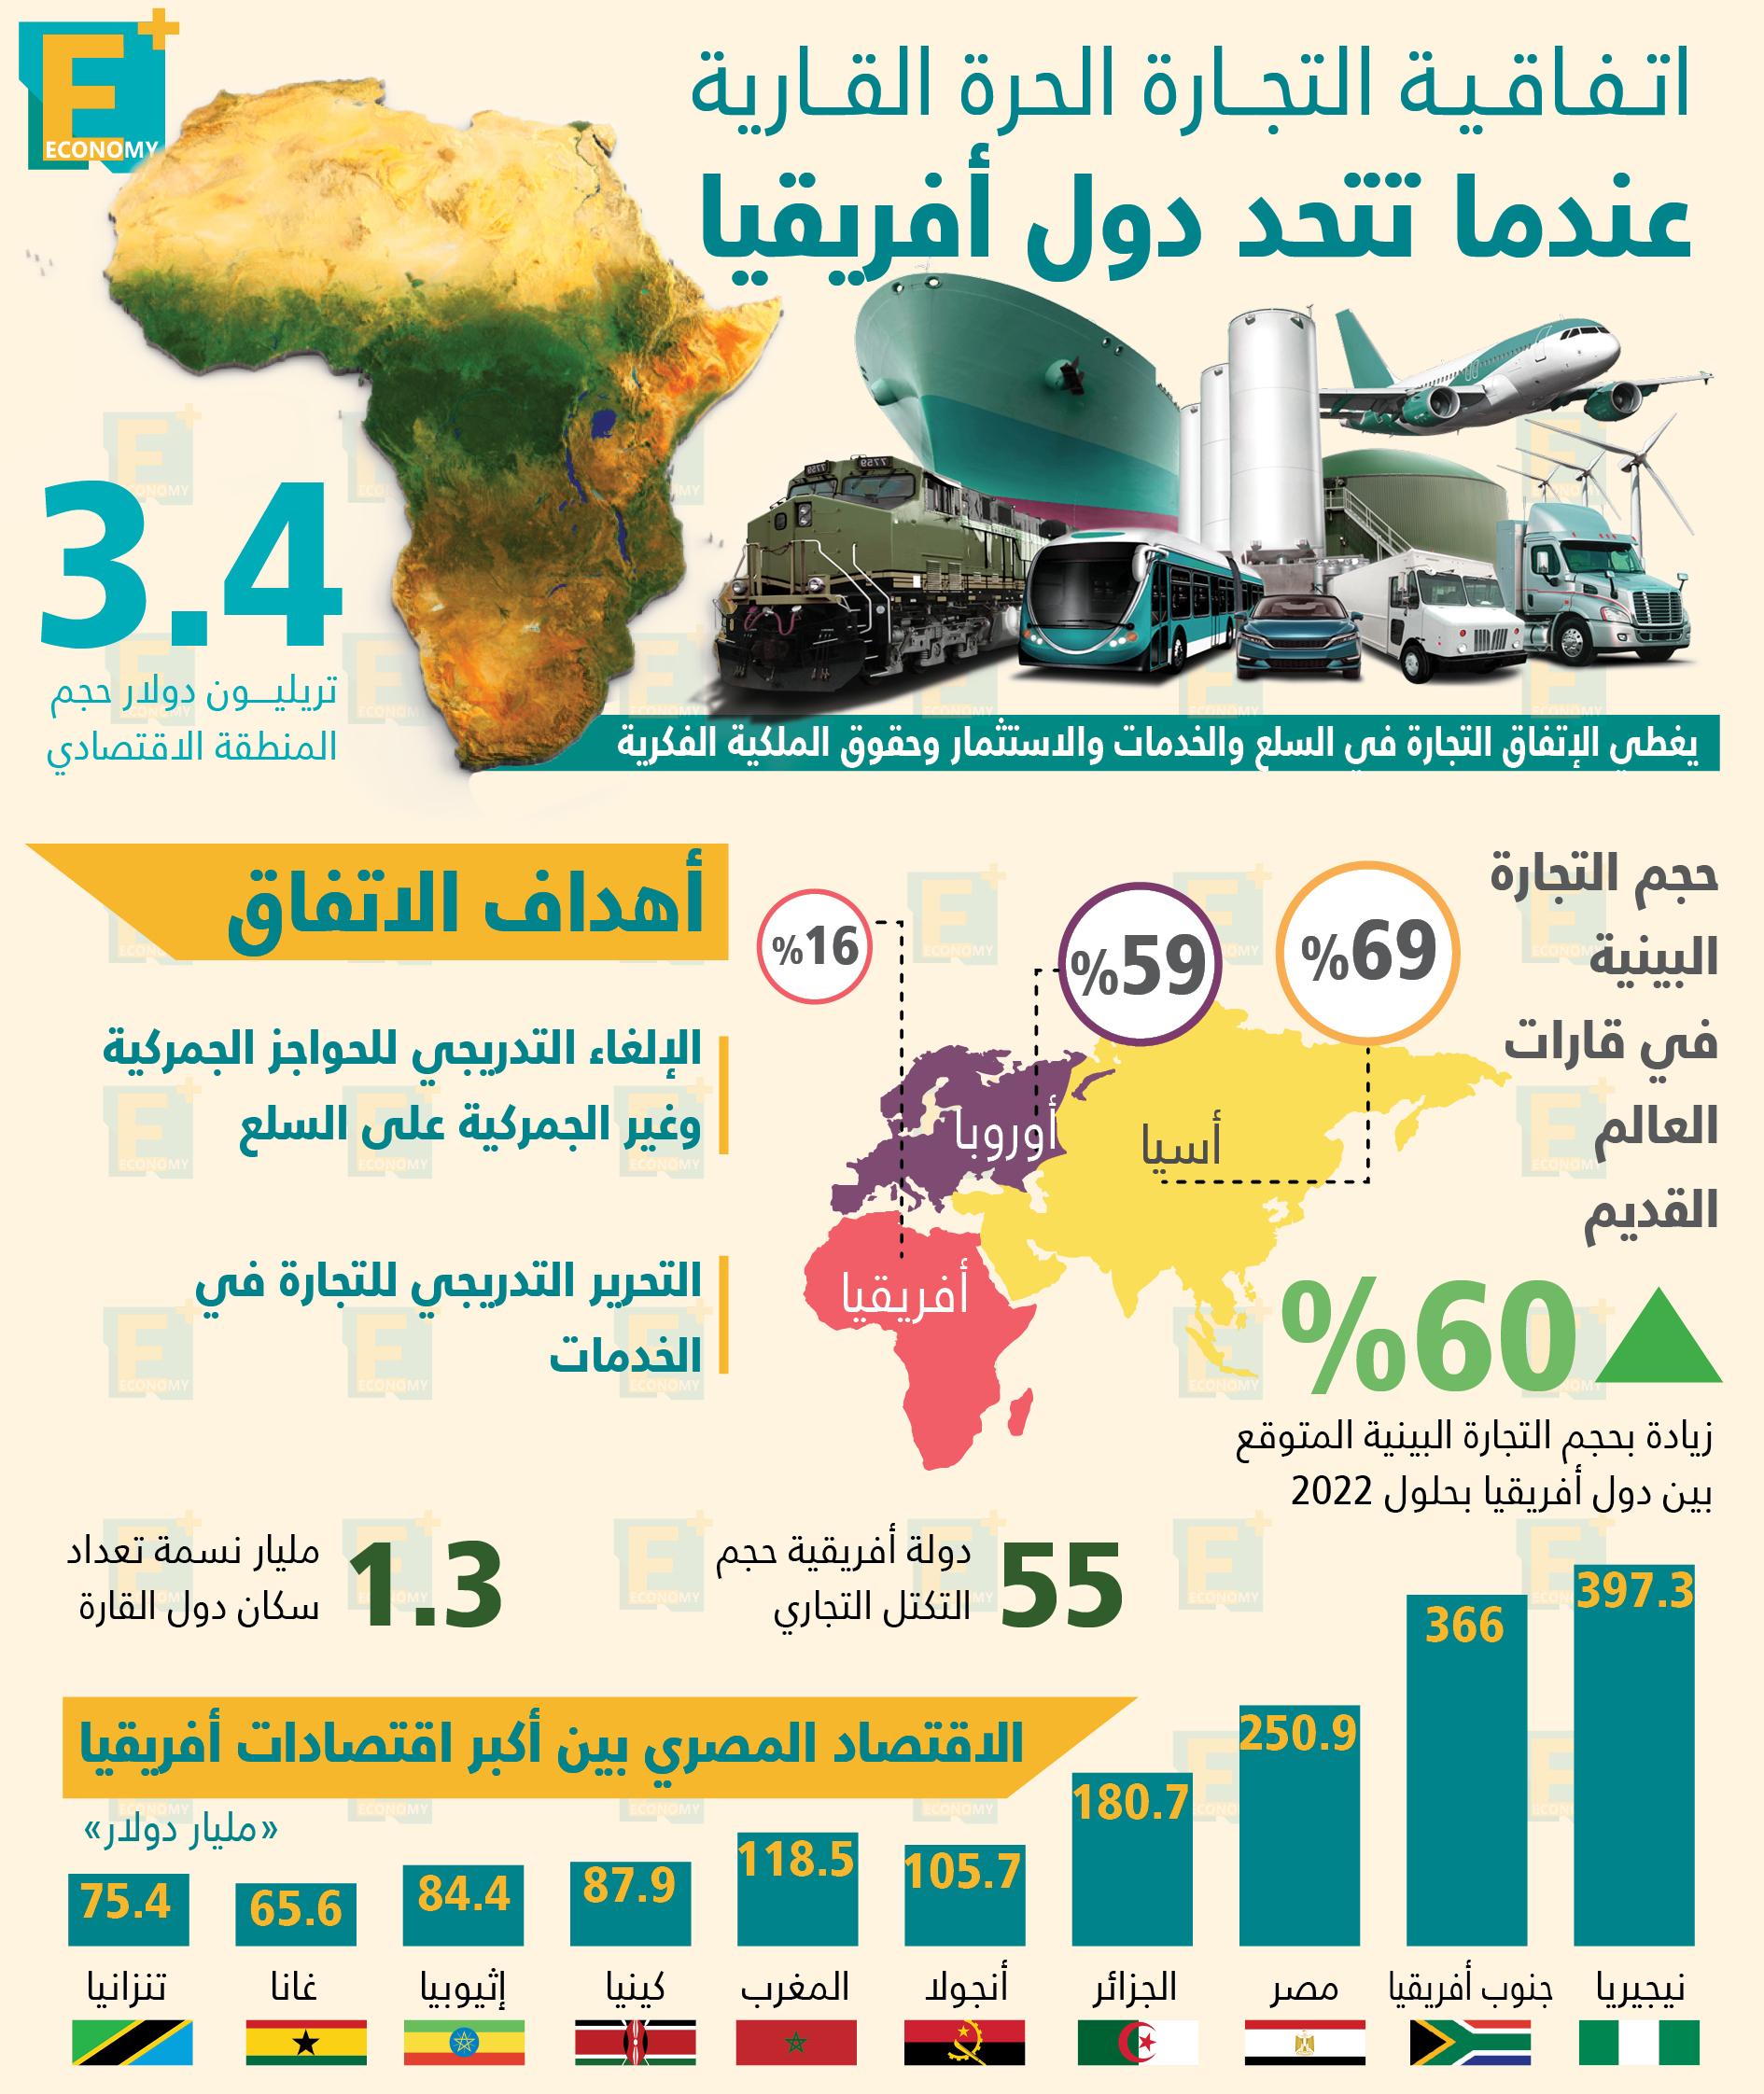 أفريقيا-الاتحاد الأفريقي-السيسي-اقتصاد-تجارة